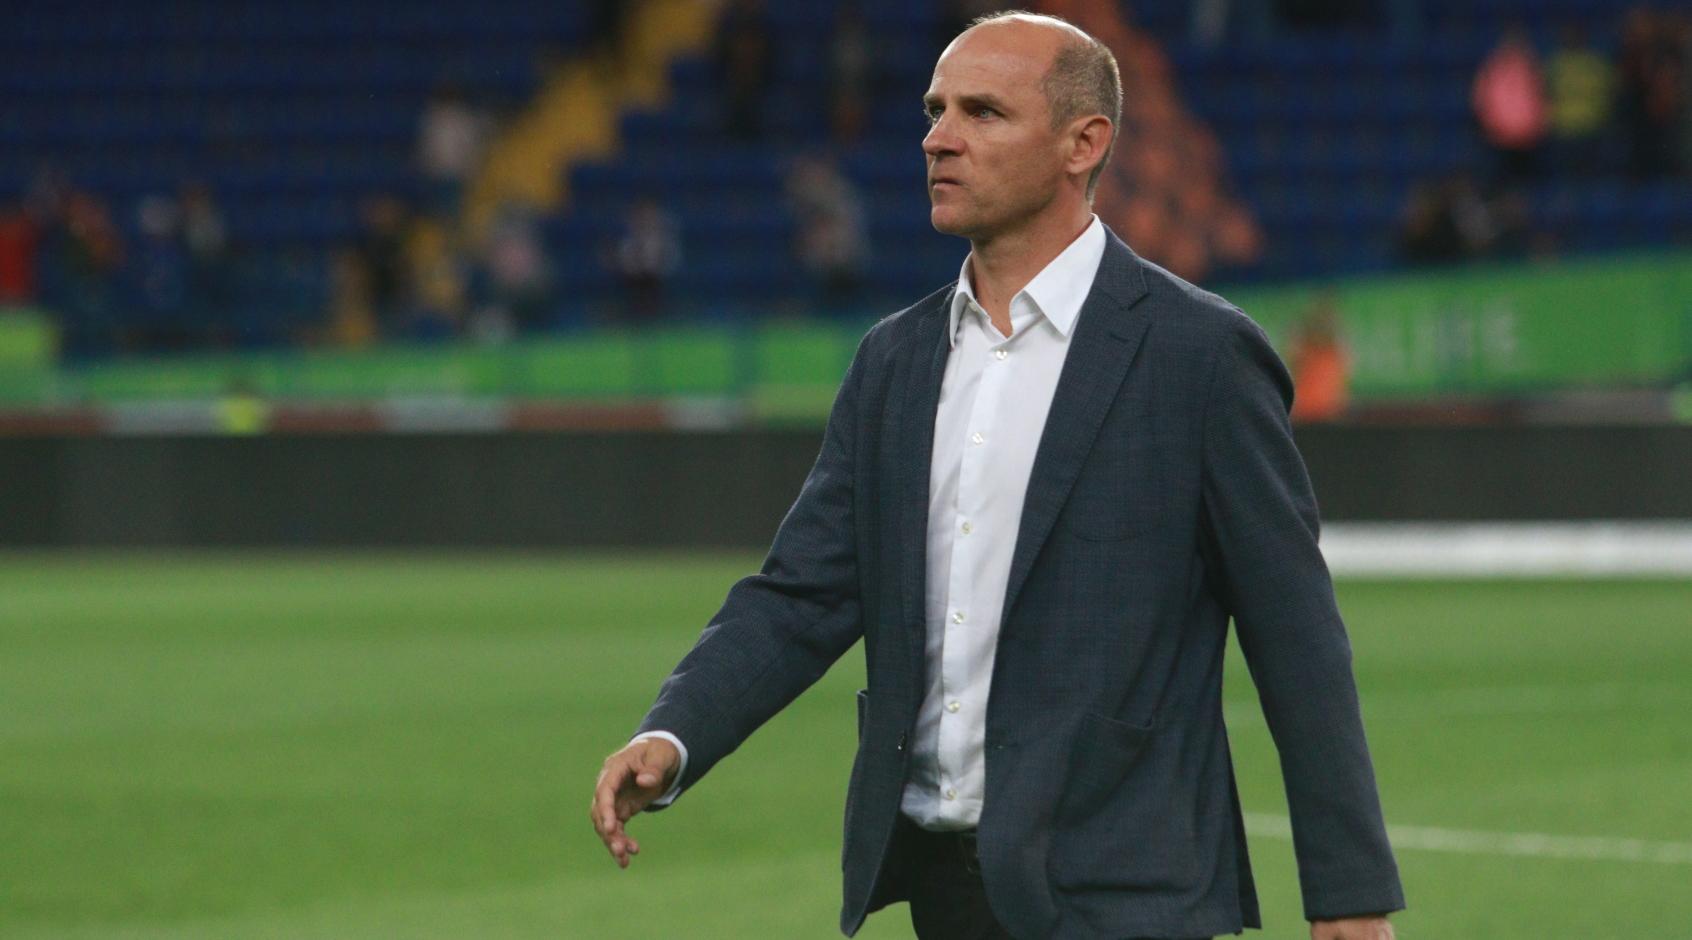 Виктор Скрипник - лучший тренер Favbet Лиги сезона 2019/2020